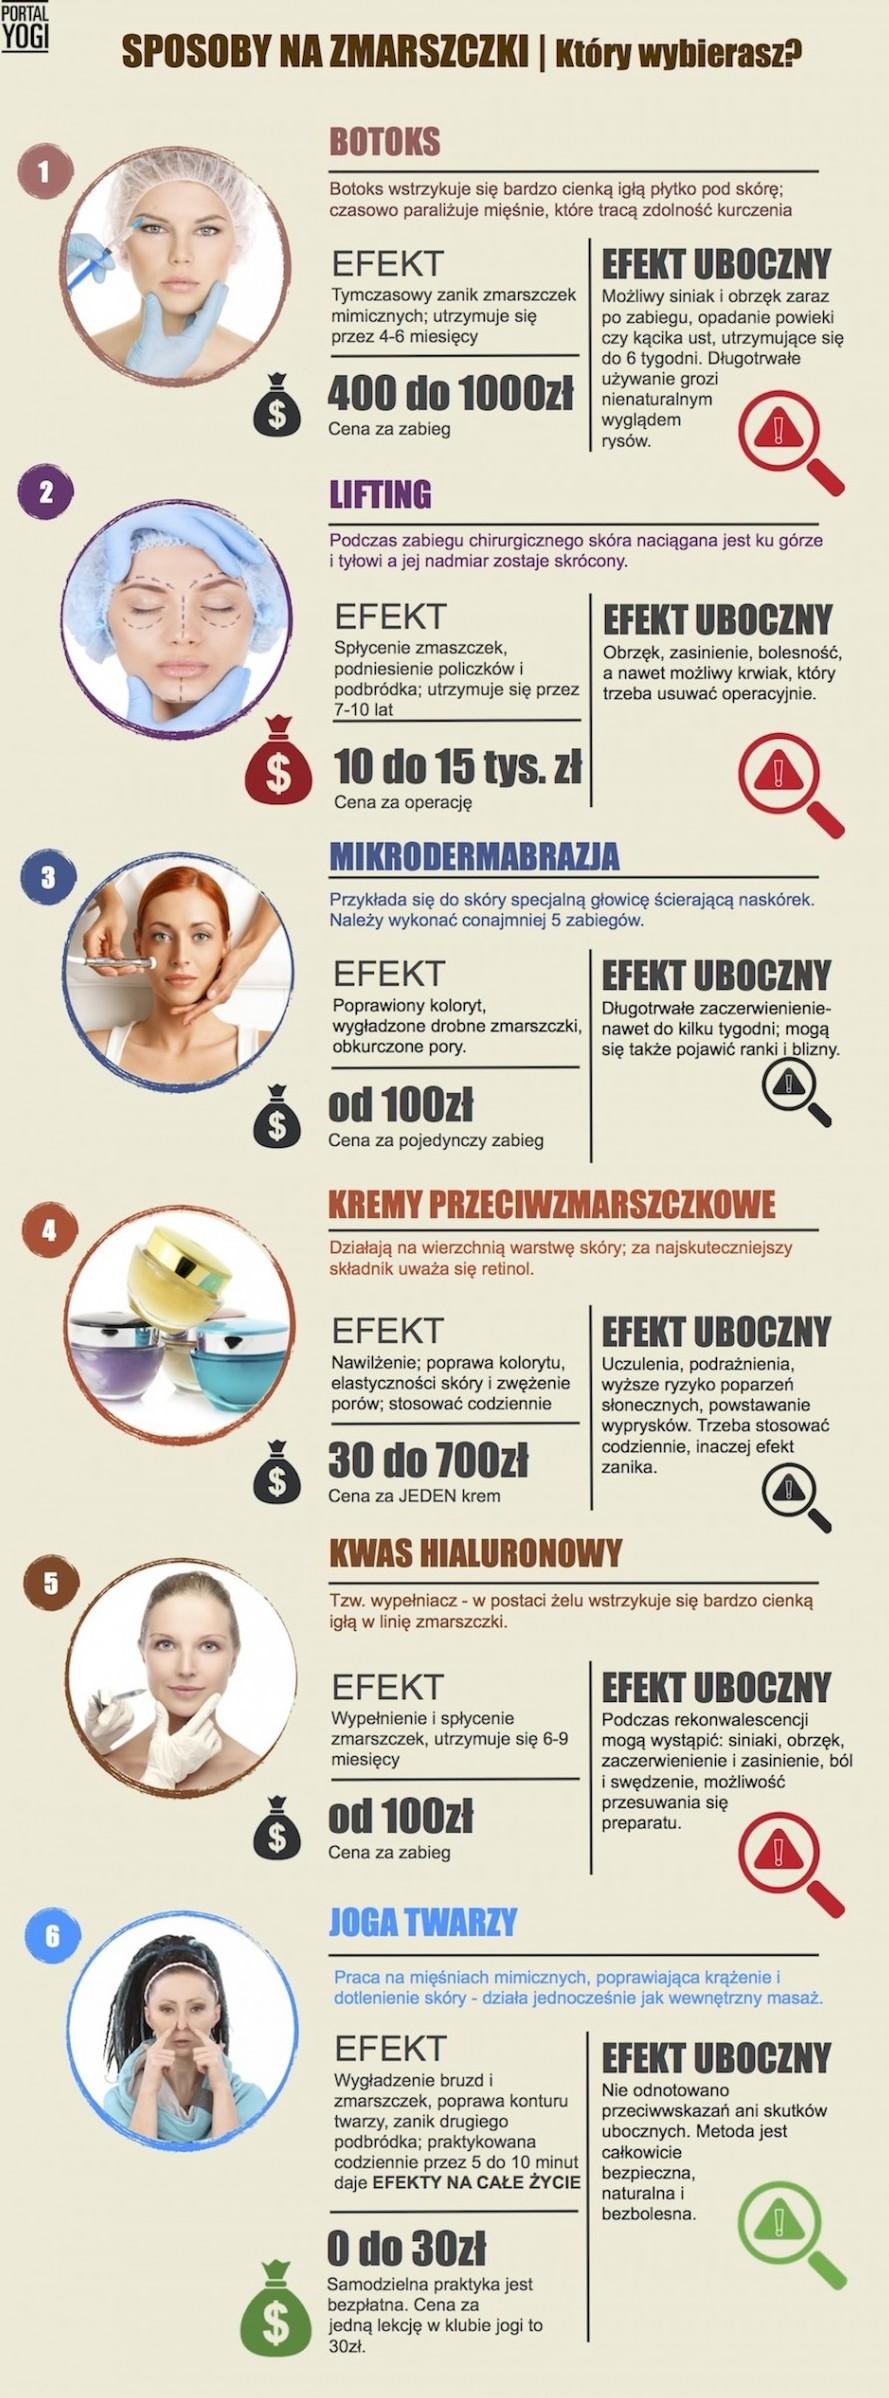 sposoby-na-zmarszczki-joga-twarzy-1-crop-900-0-1